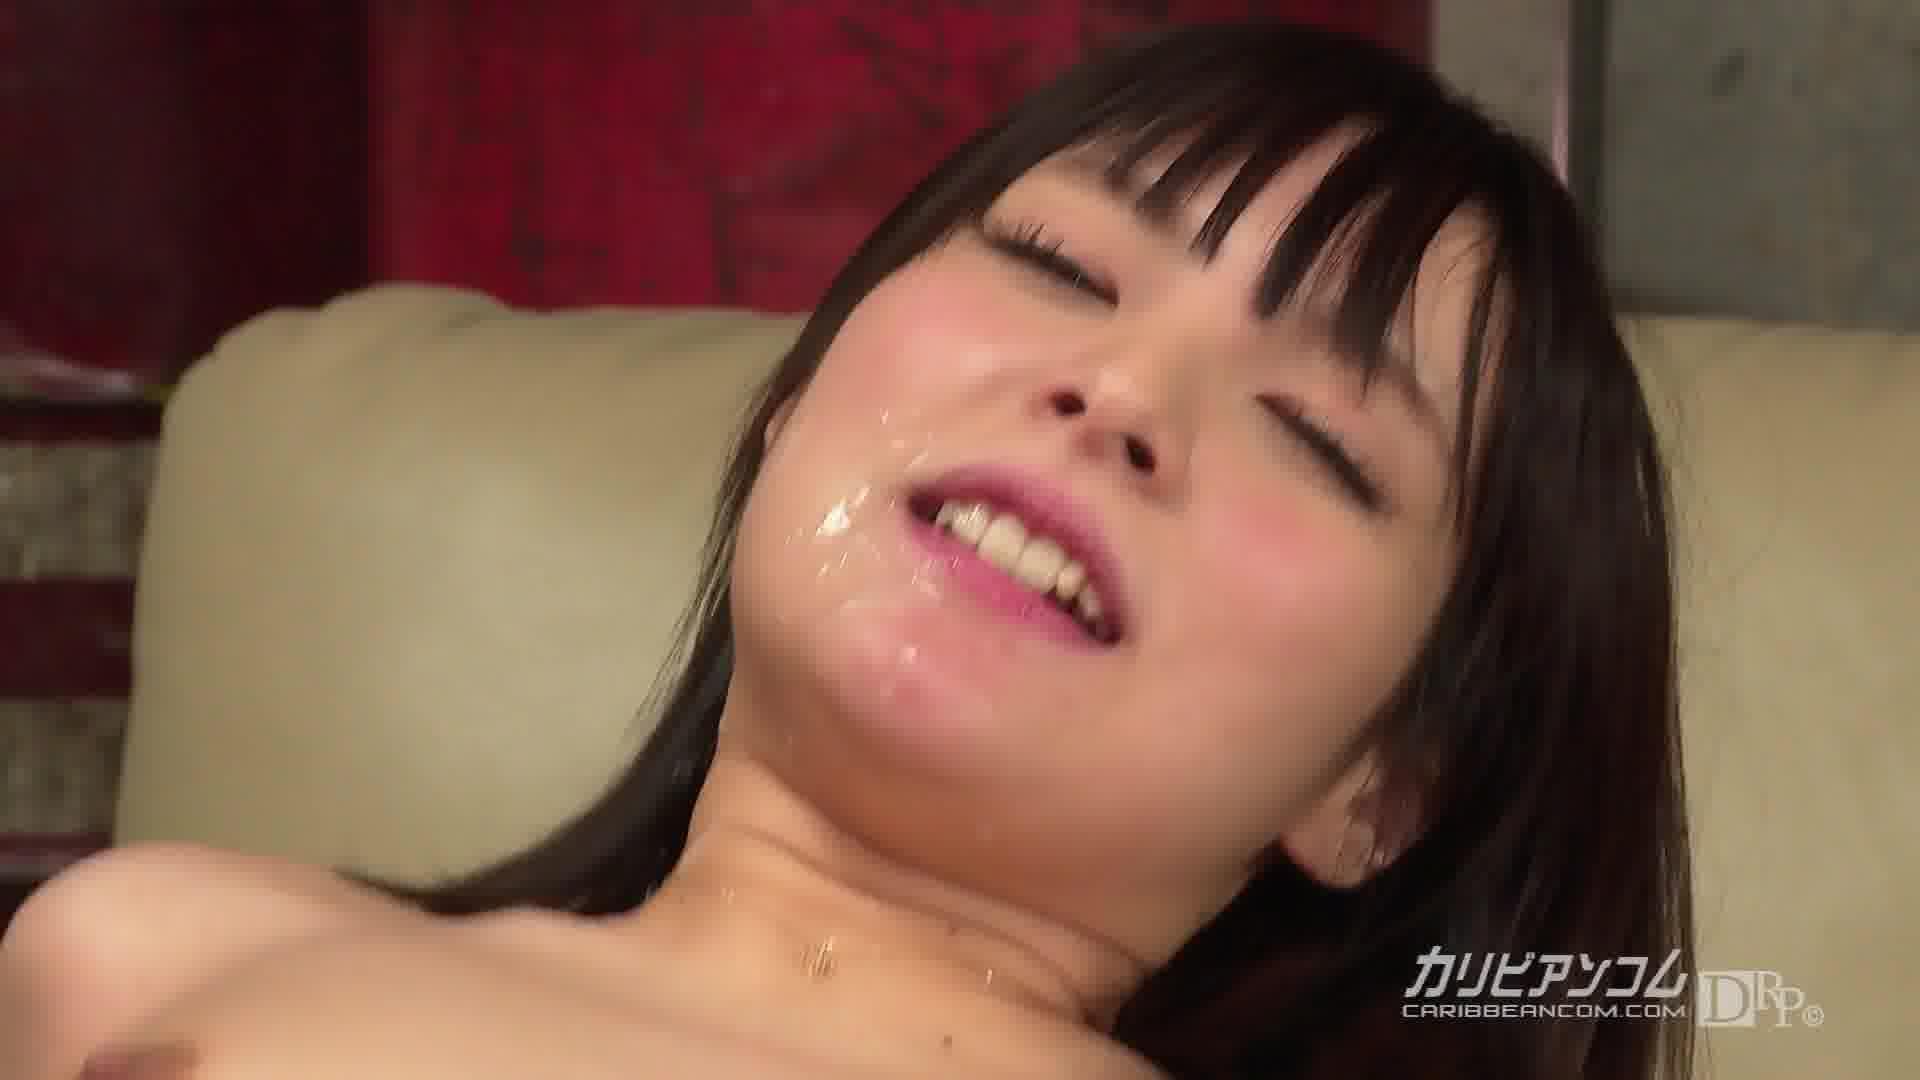 精子かけられると興奮する - みほの【美乳・スレンダー・ぶっかけ】